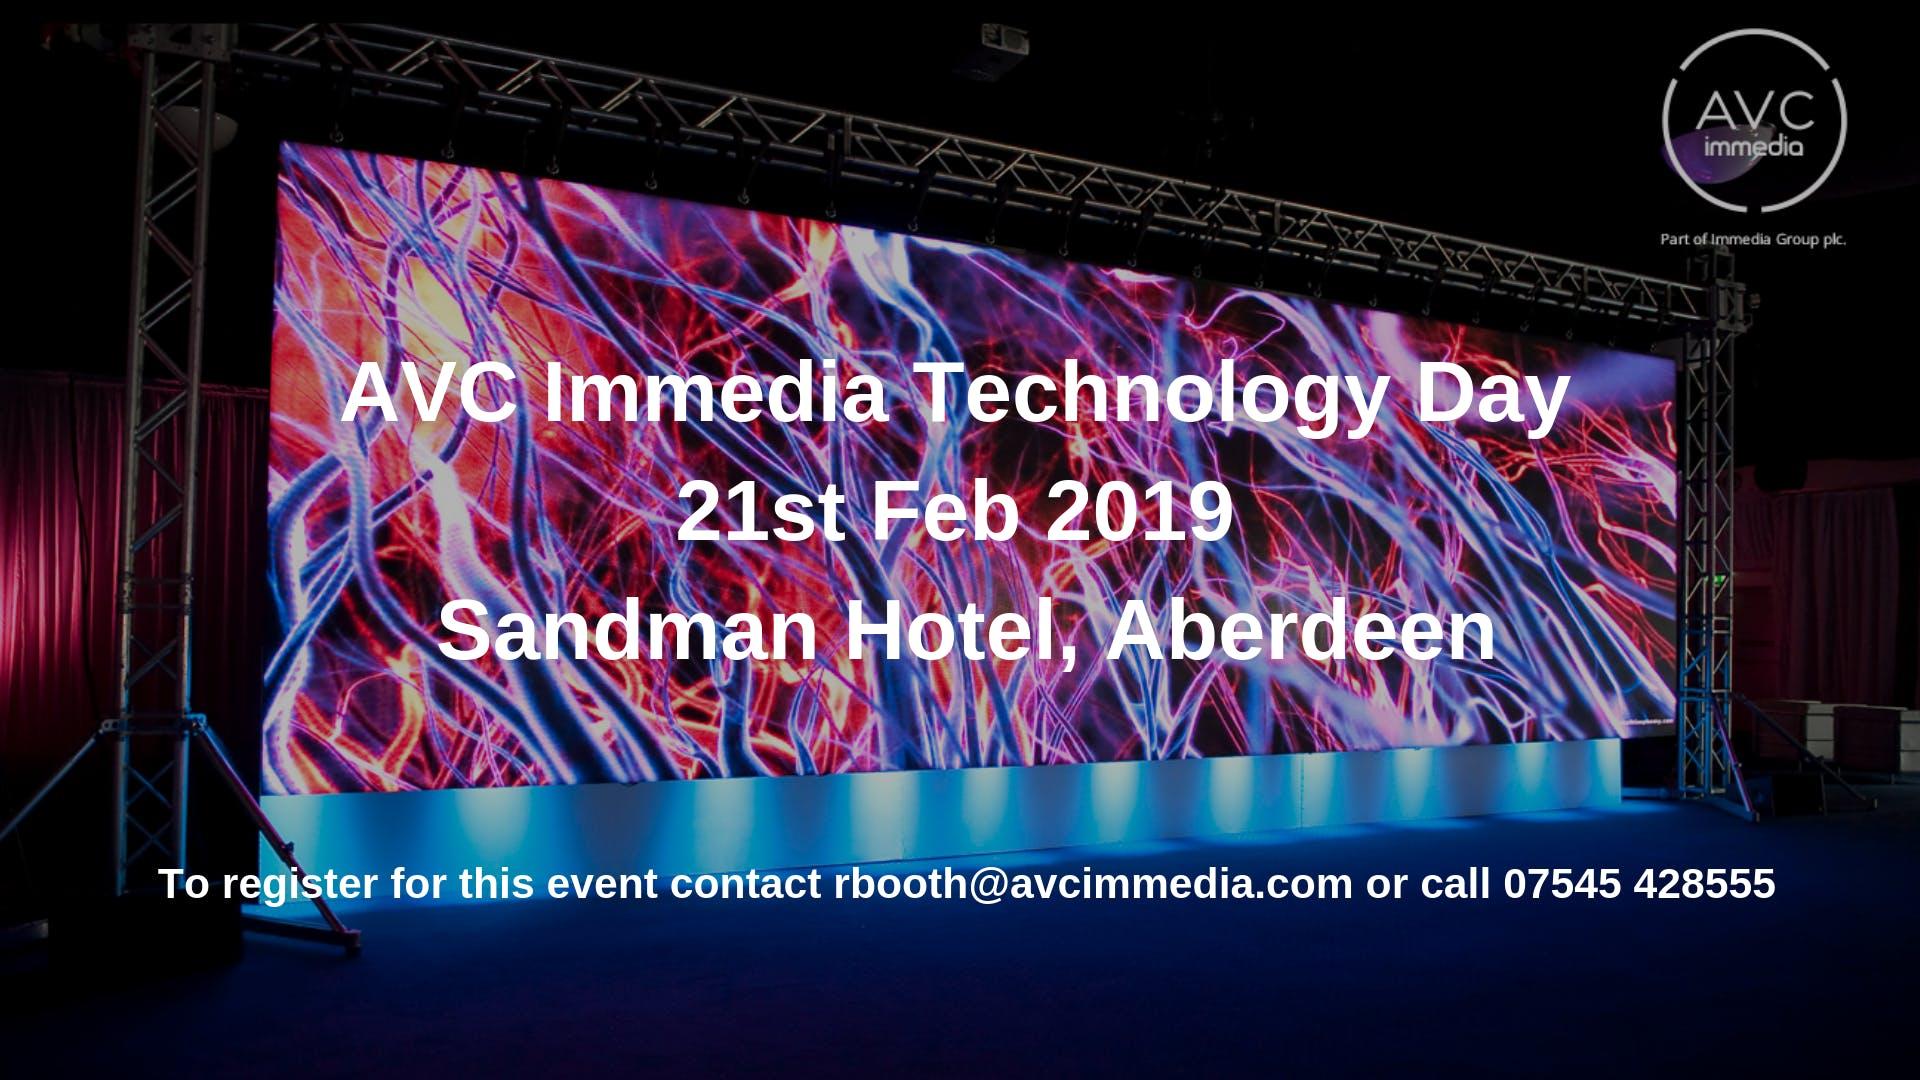 AVC Immedia Technology Day